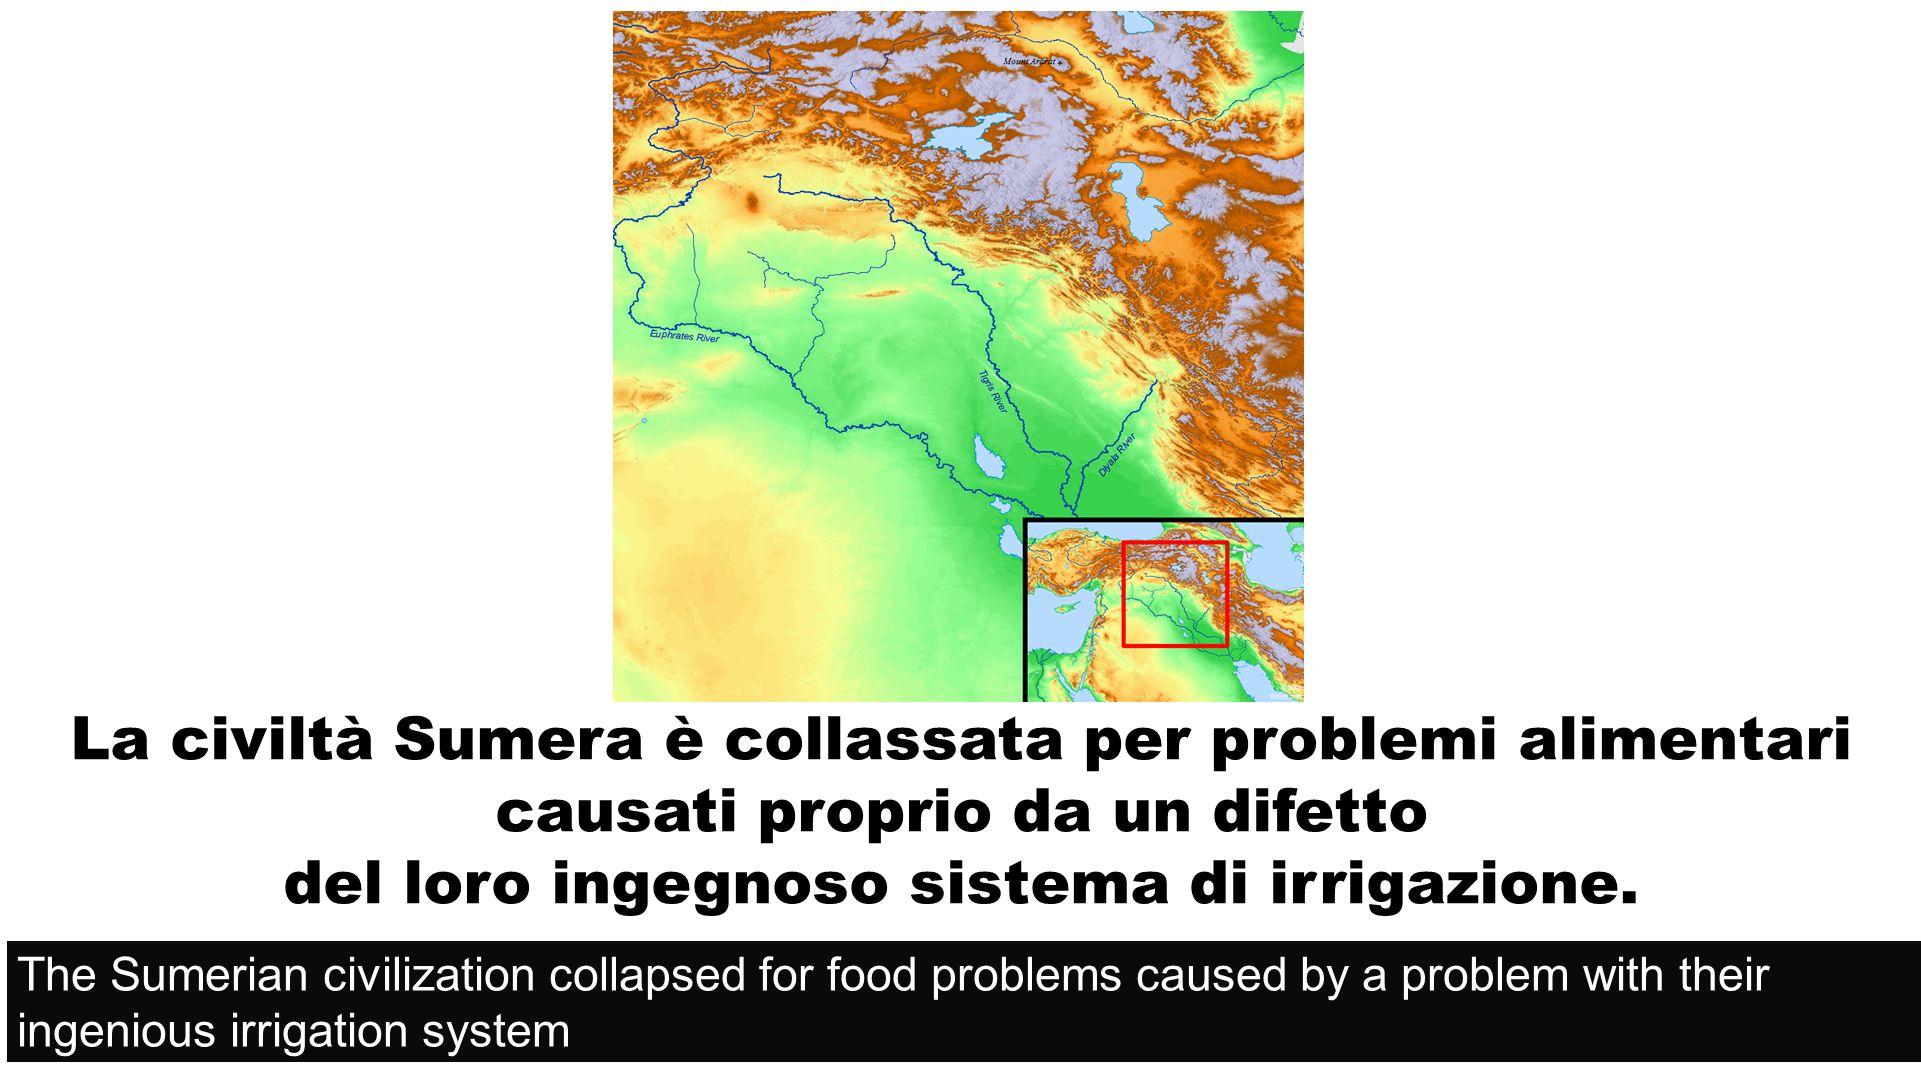 La civiltà Sumera è collassata per problemi alimentari causati proprio da un difetto del loro ingegnoso sistema di irrigazione.